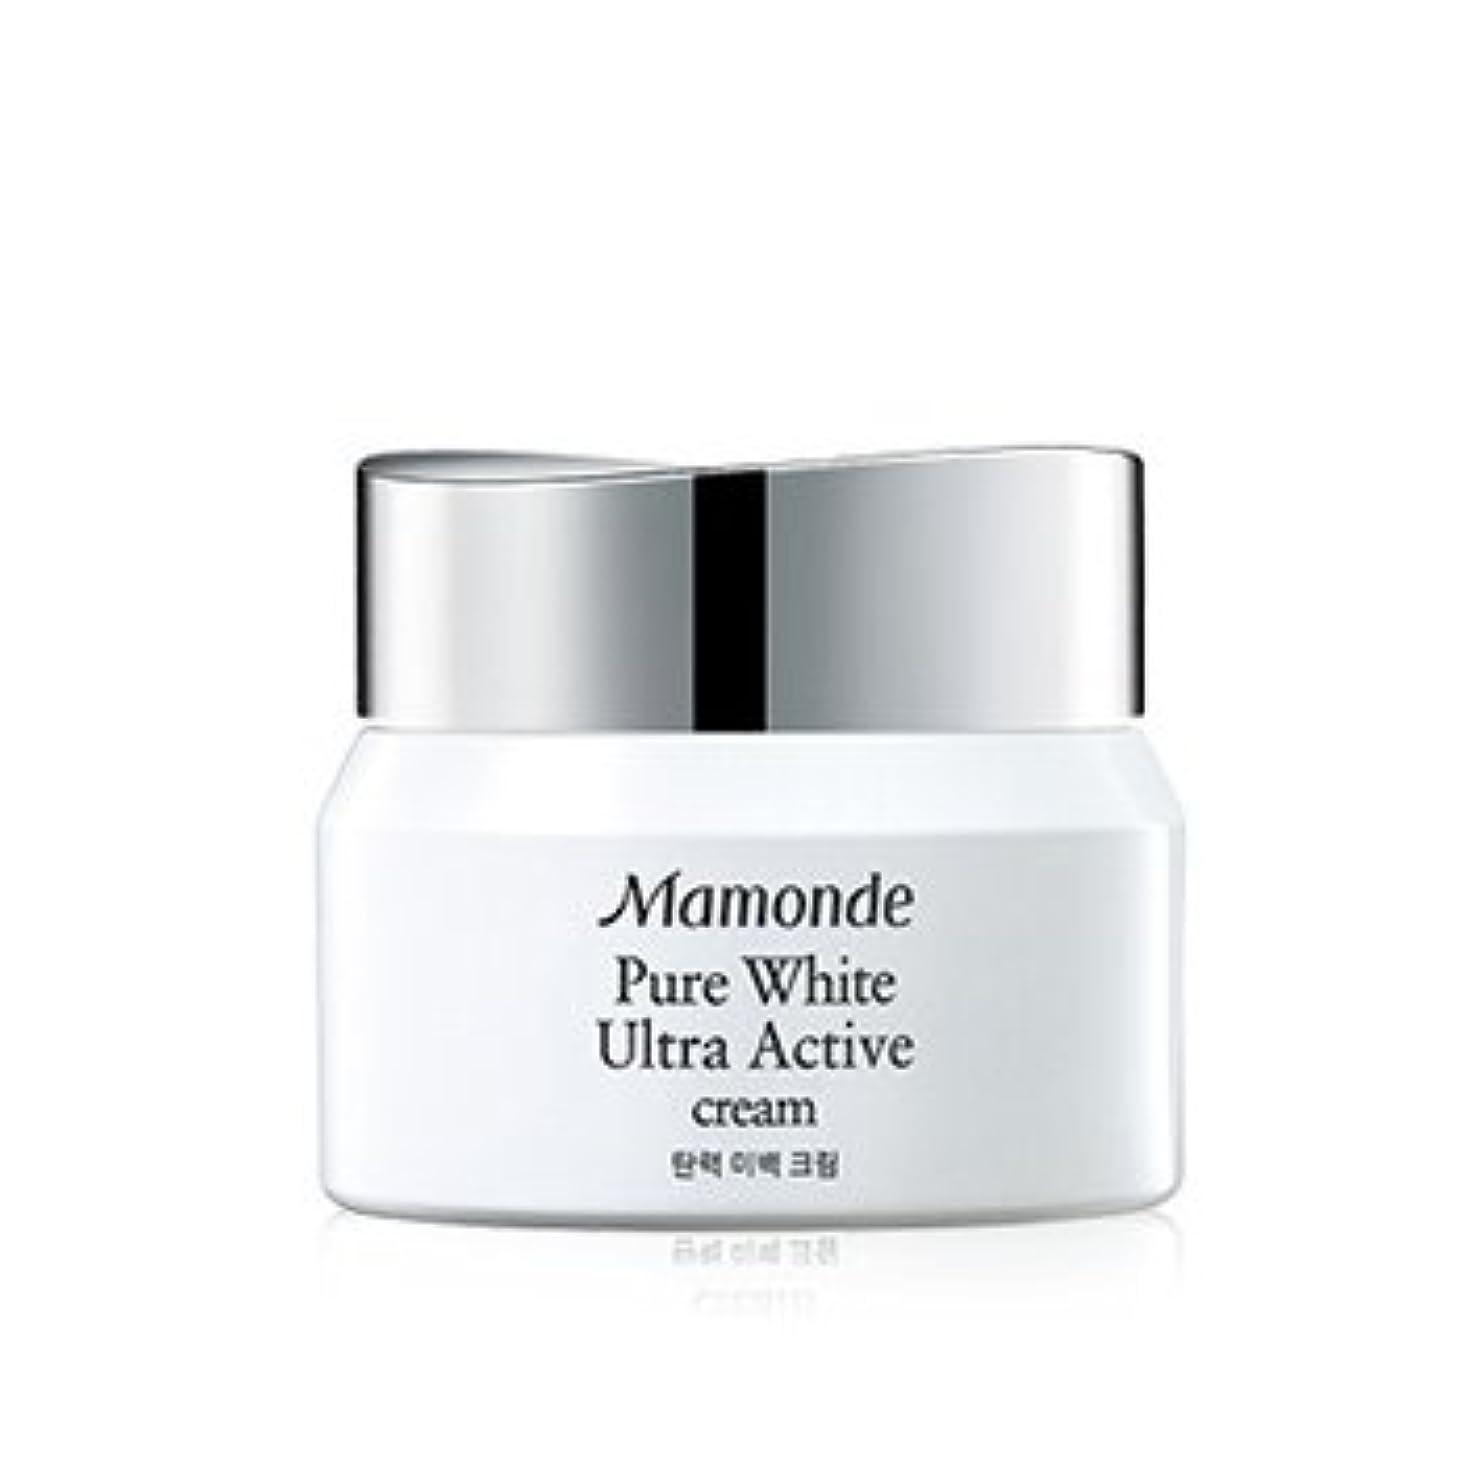 血色の良い補正犯罪Mamonde Pure White Ultra Active Cream 50ml/マモンド ピュア ホワイト ウルトラ アクティブ クリーム 50ml [並行輸入品]